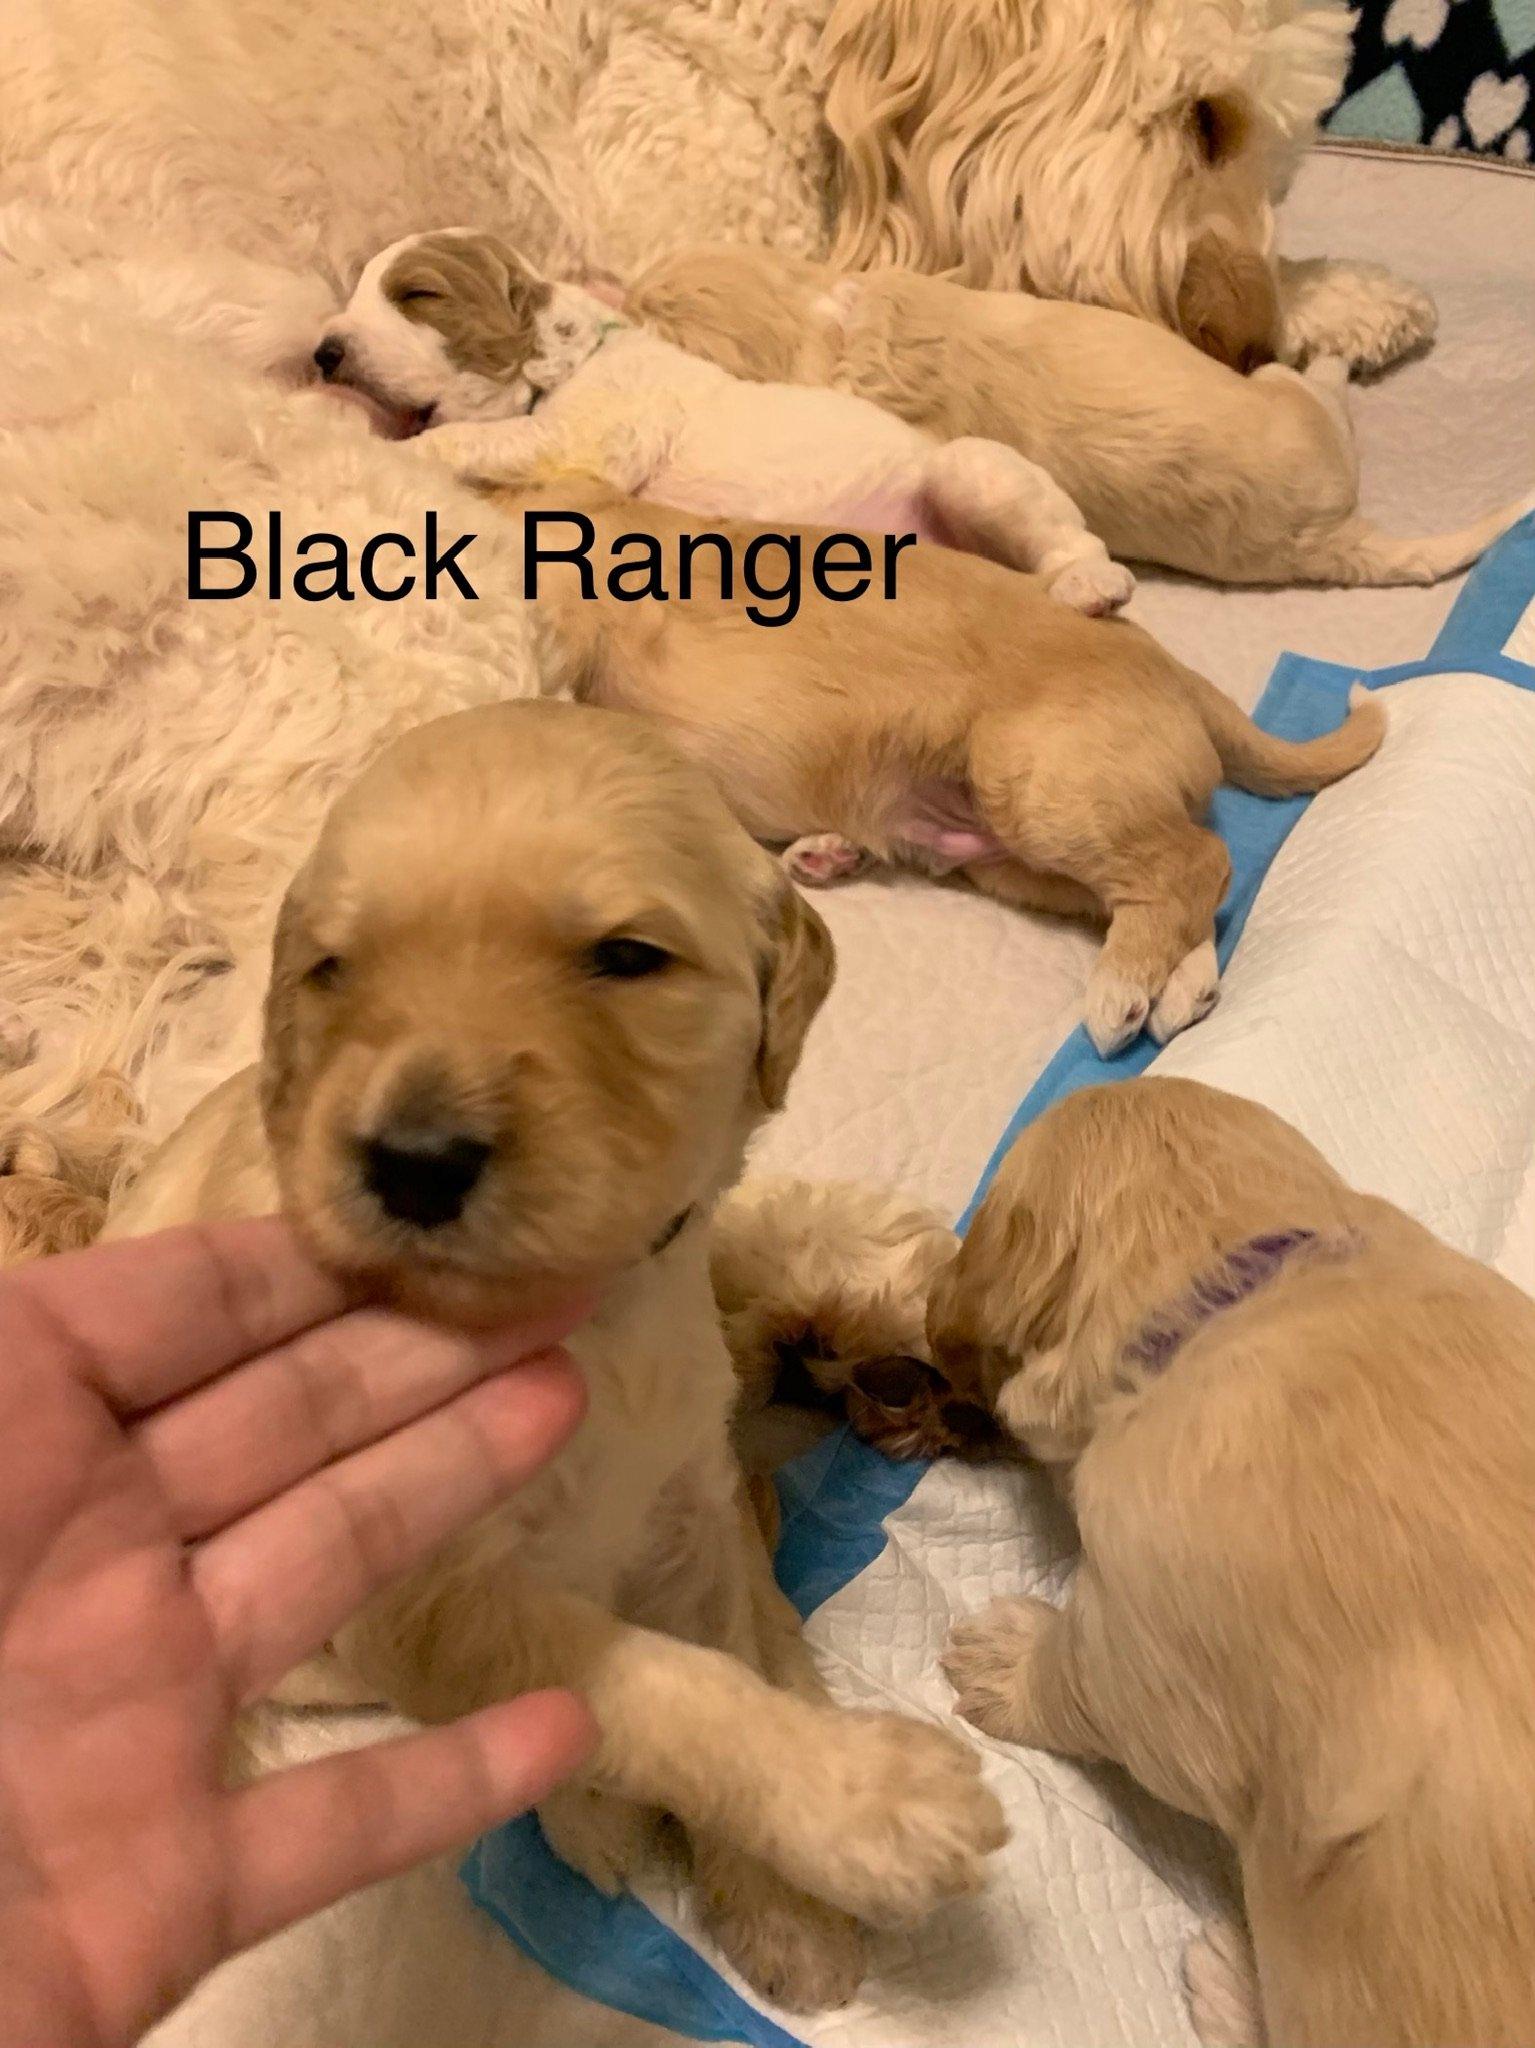 F2bb – Black Ranger